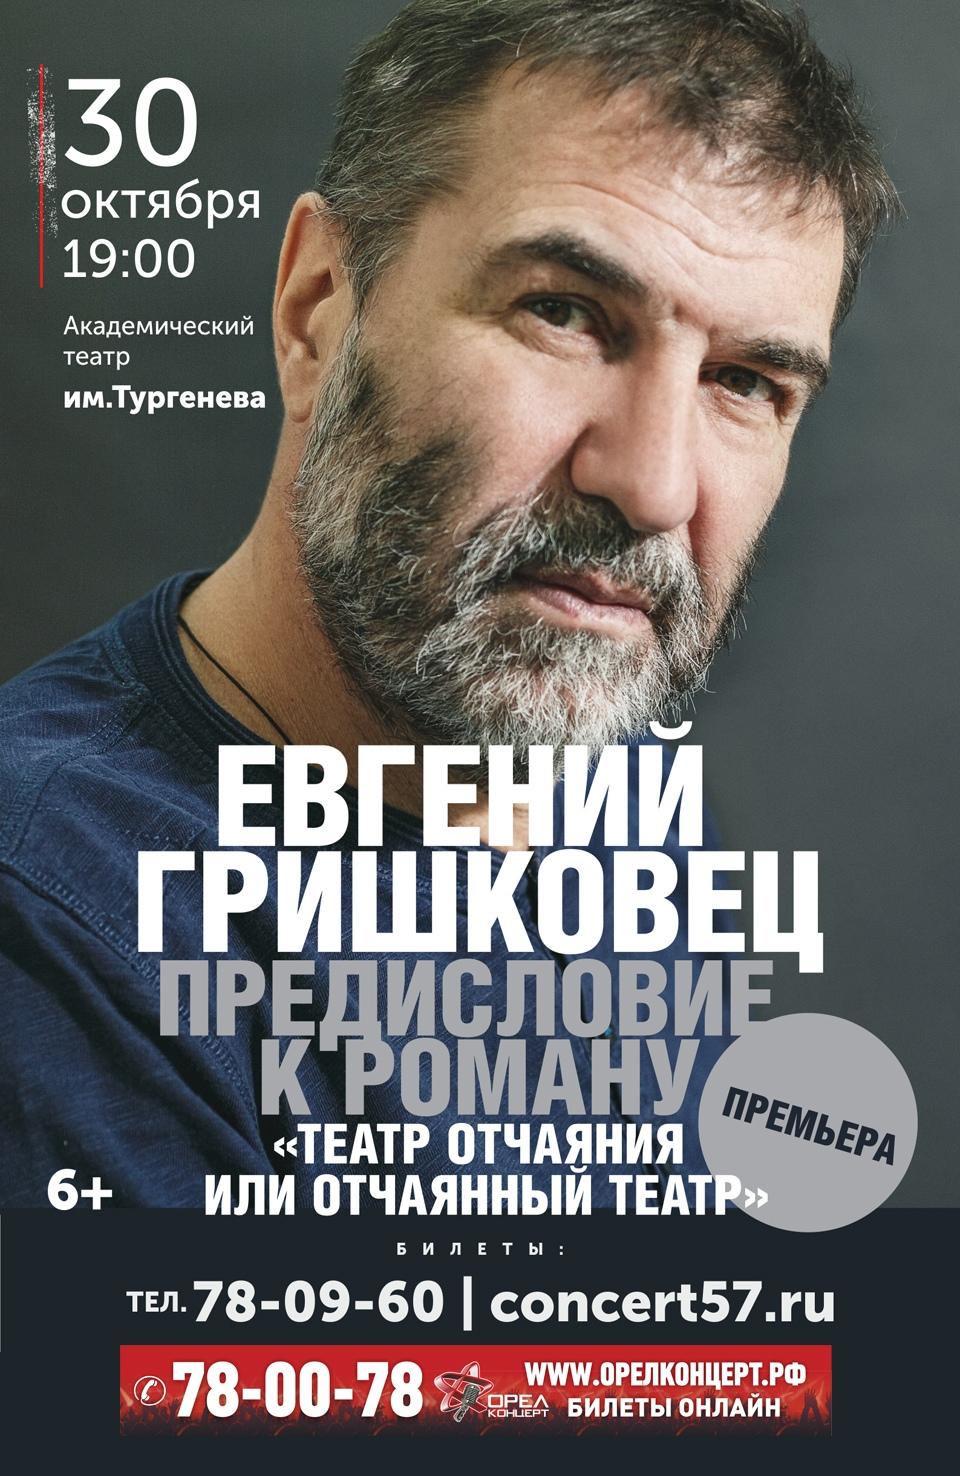 Евгений Гришковец Предисловие к роману Театр отчаяния или отчаянный театр